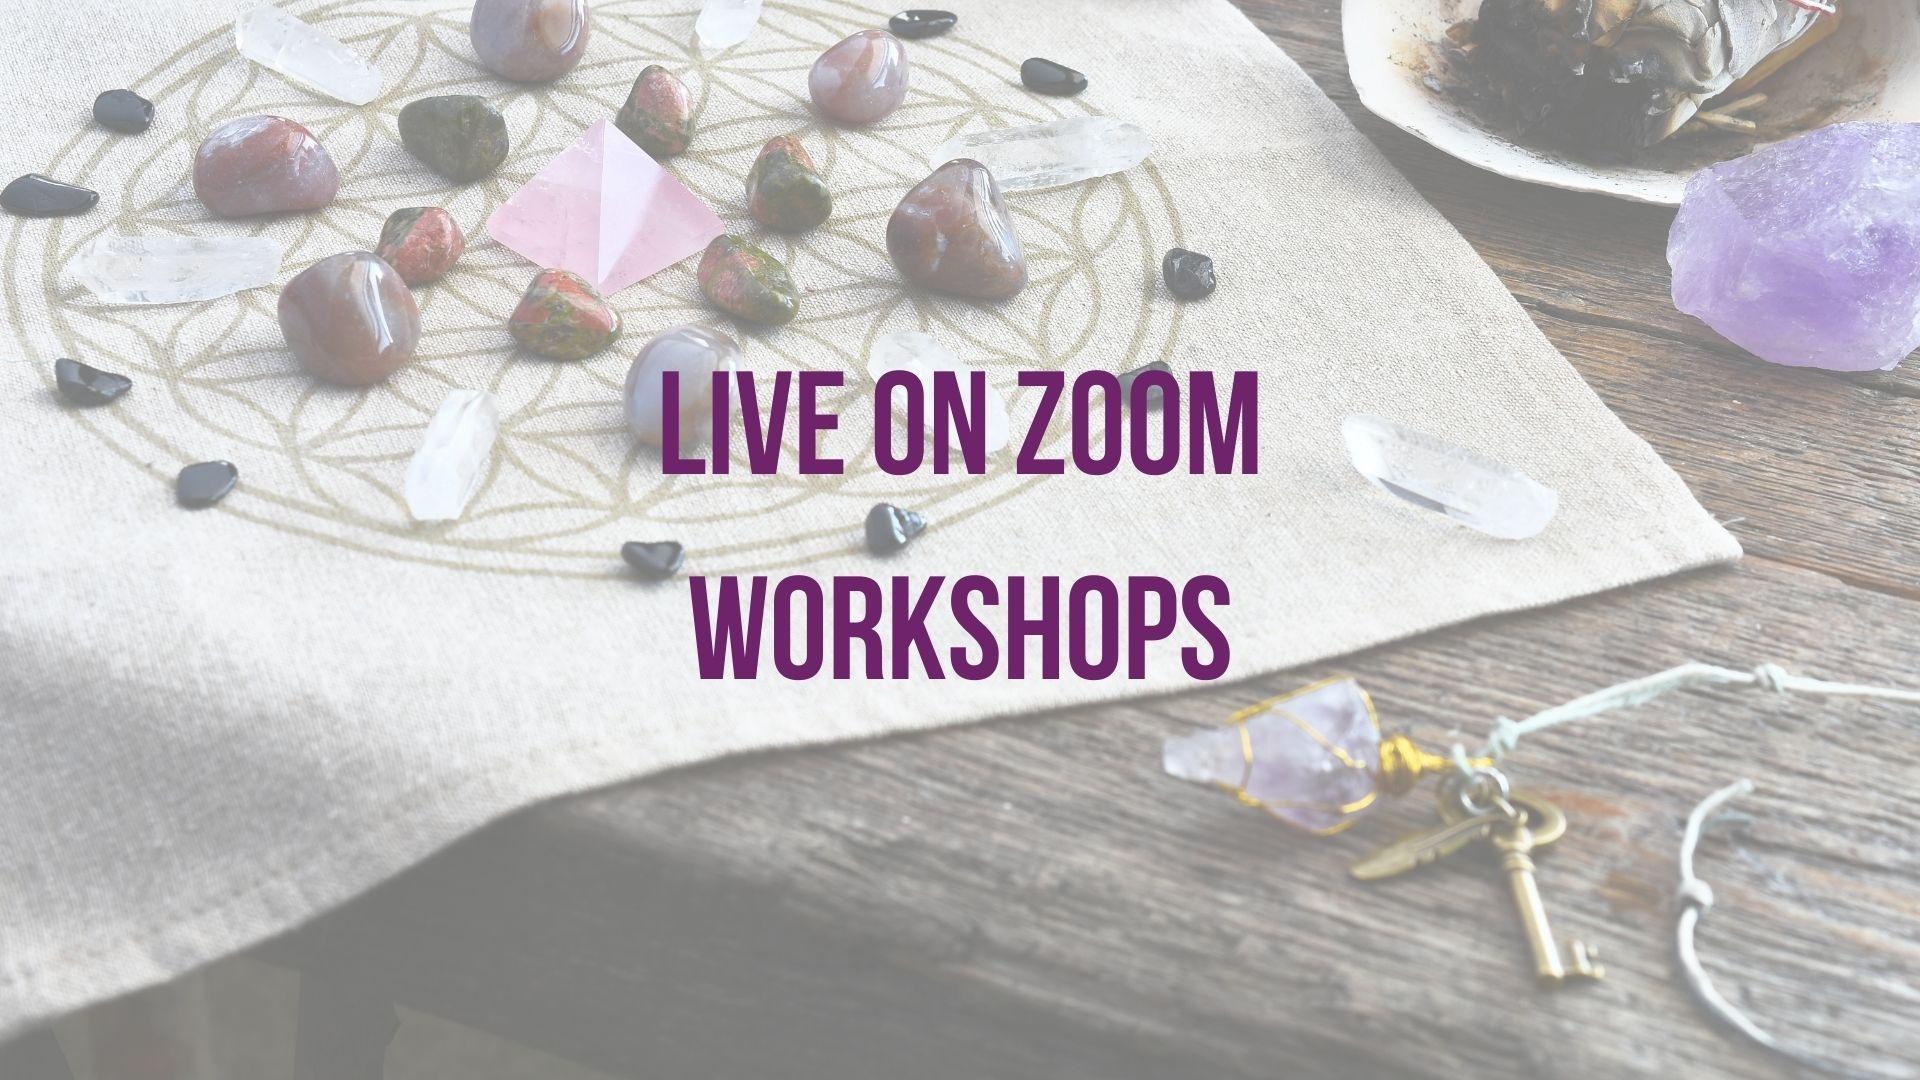 Live on Zoom Workshops